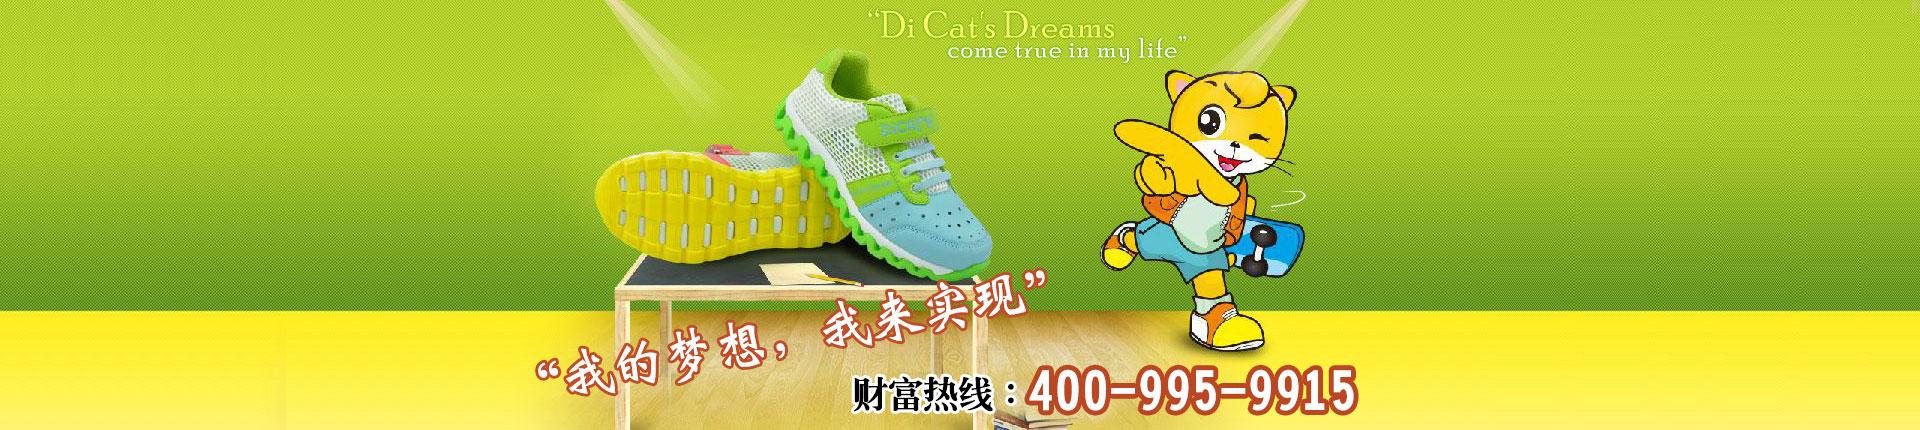 迪猫之梦官方网站